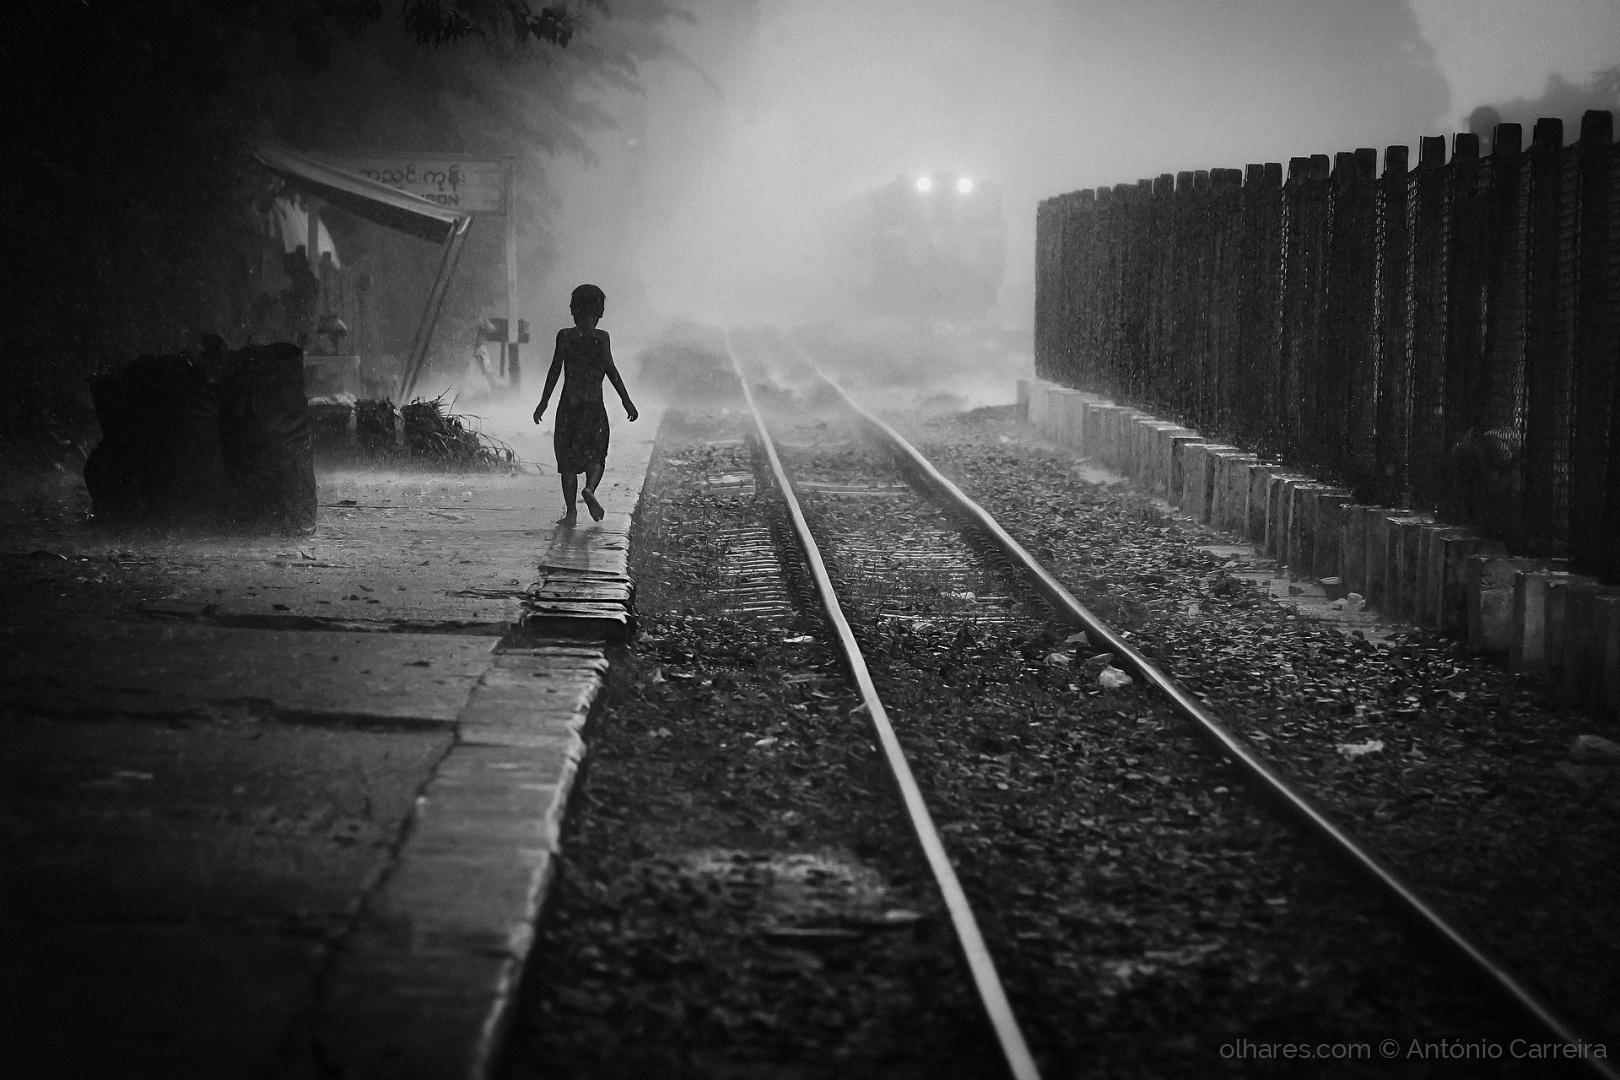 Gentes e Locais/The rain rails